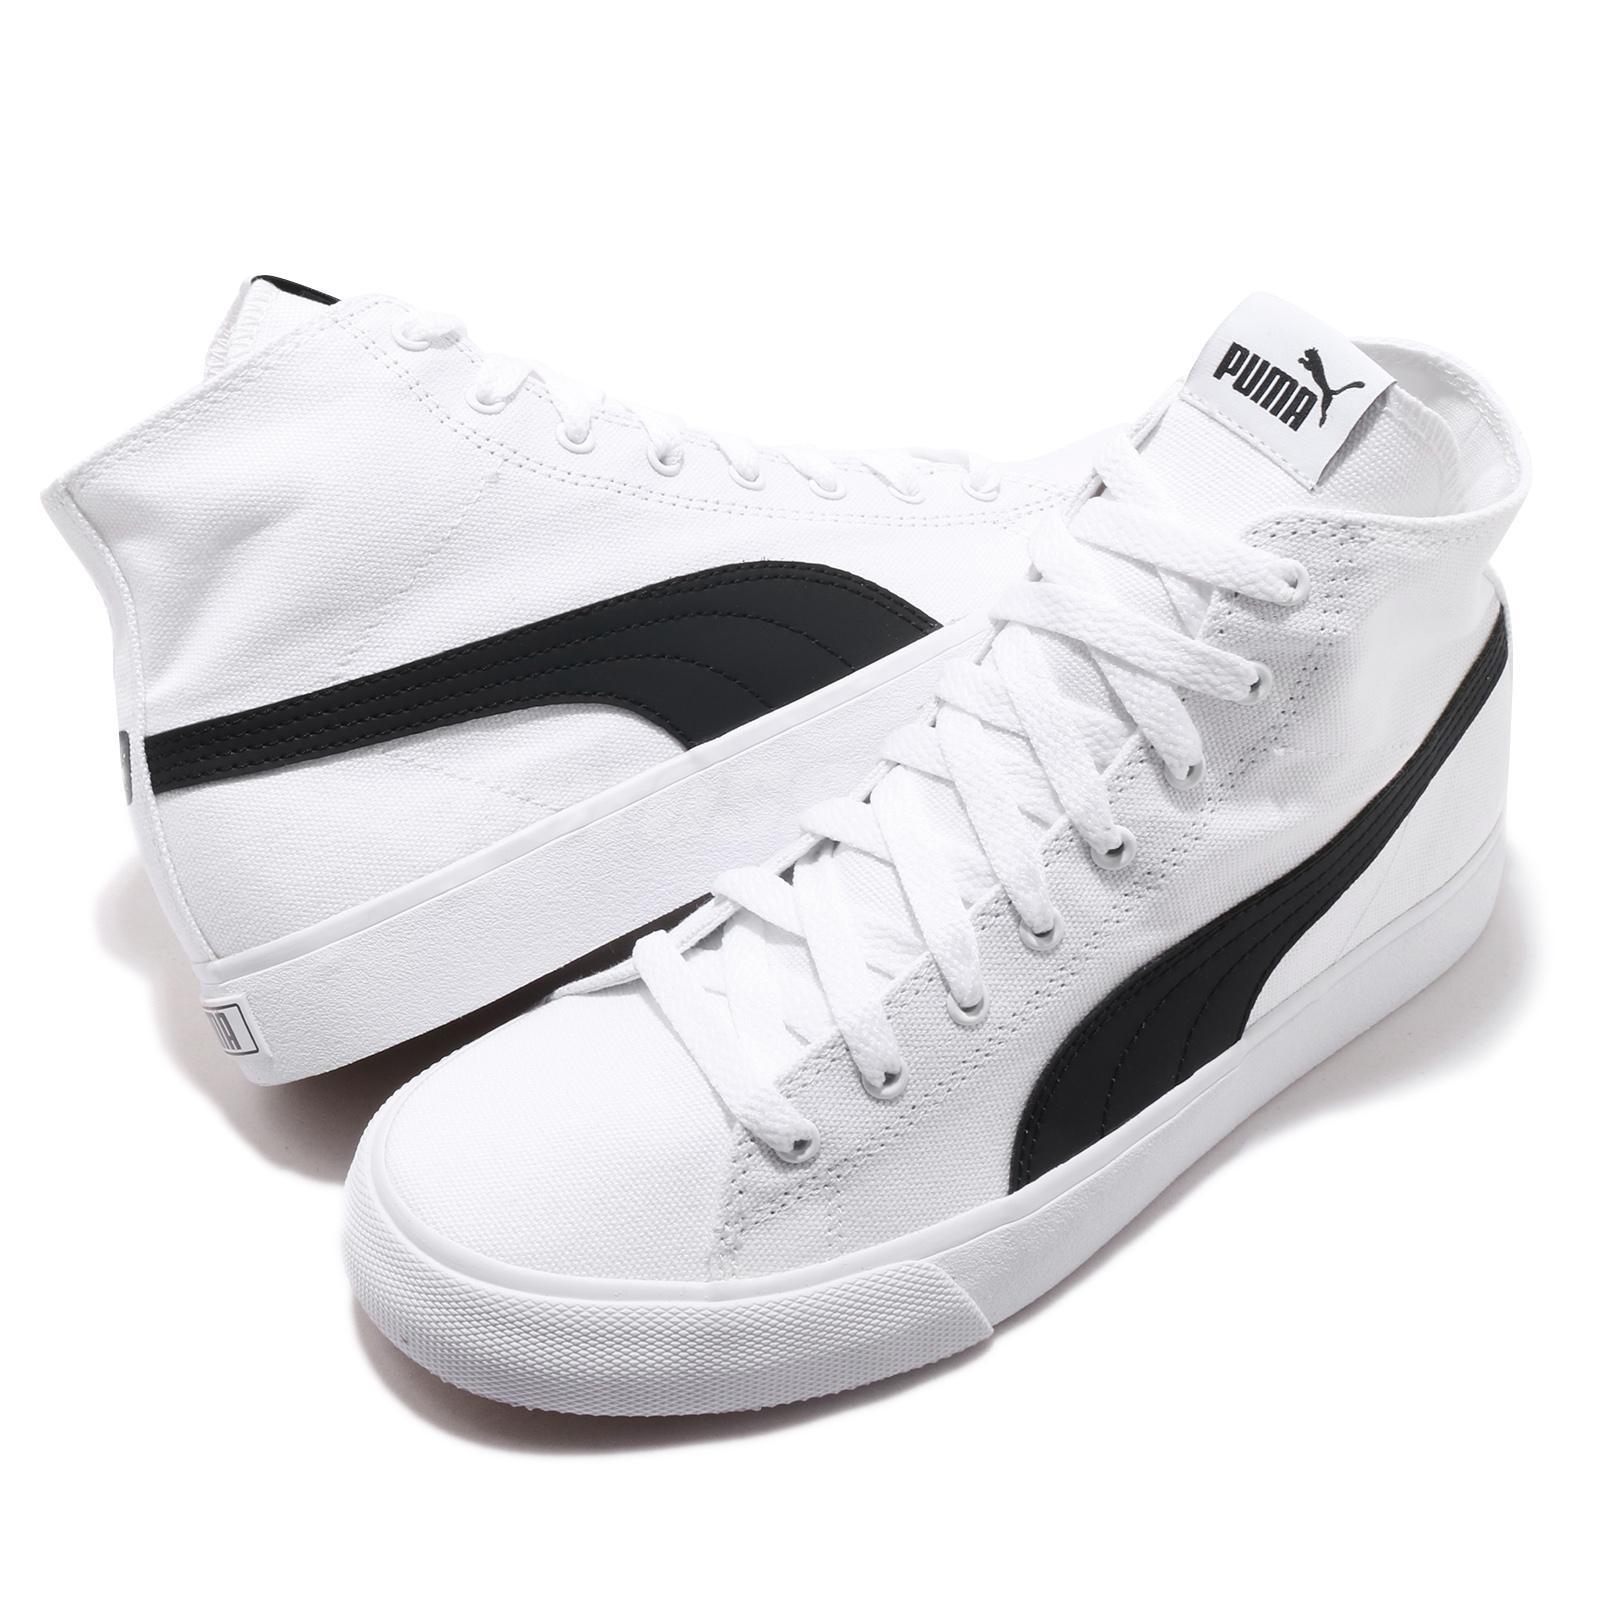 Women Unisex Casual Shoes 373891-01